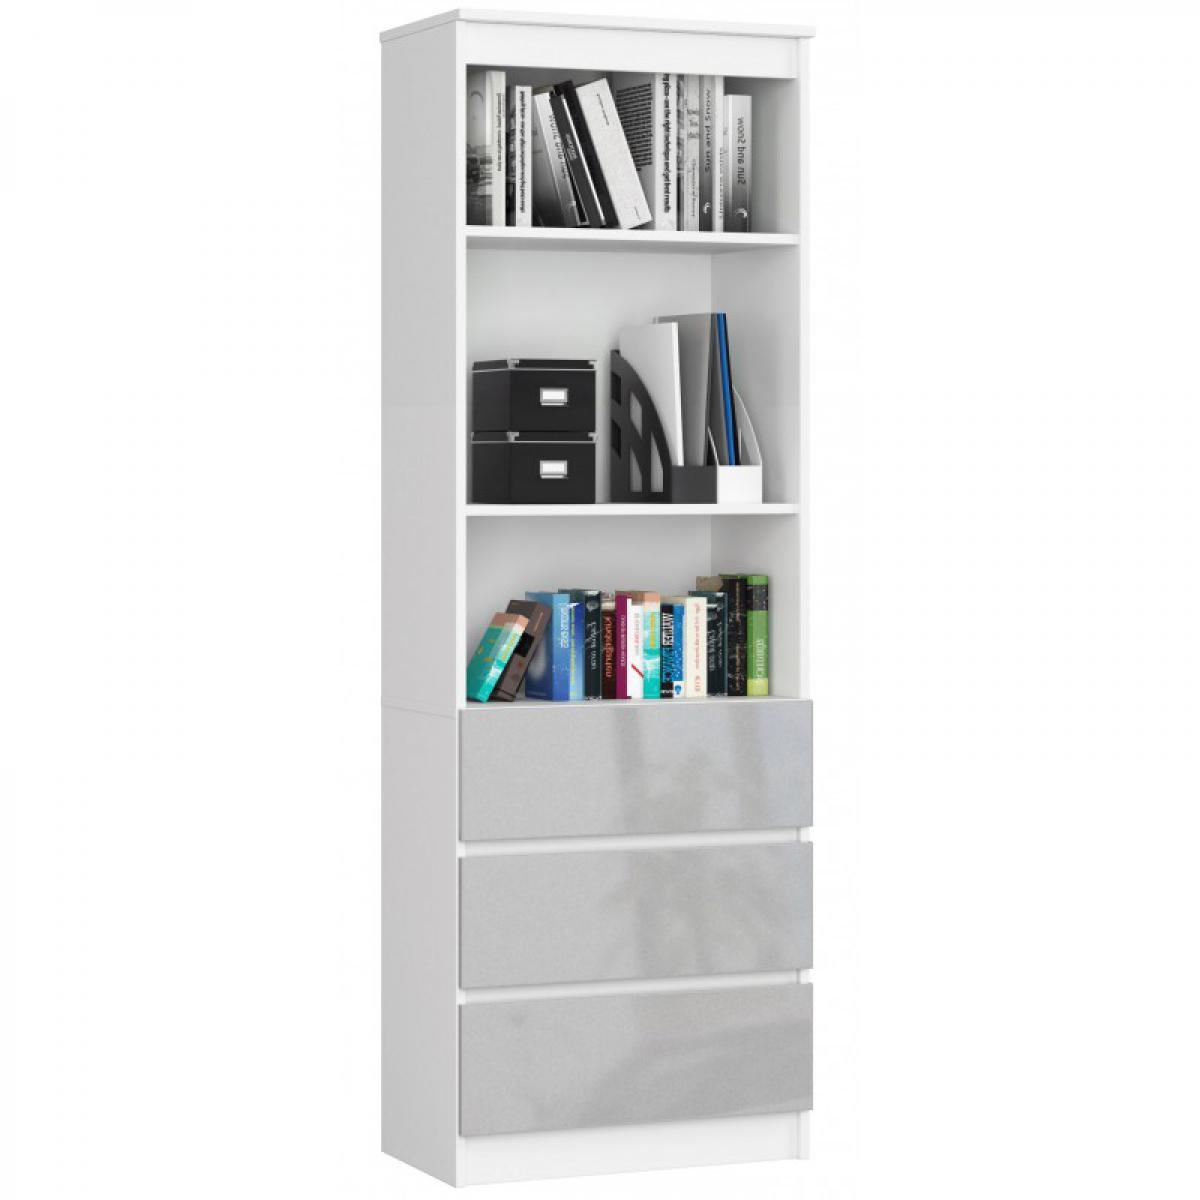 Hucoco CARLO - Grande bibliothèque moderne - 2 étagères + 3 tiroirs - 180x60x35cm - Rangement livres/déco - Blanc